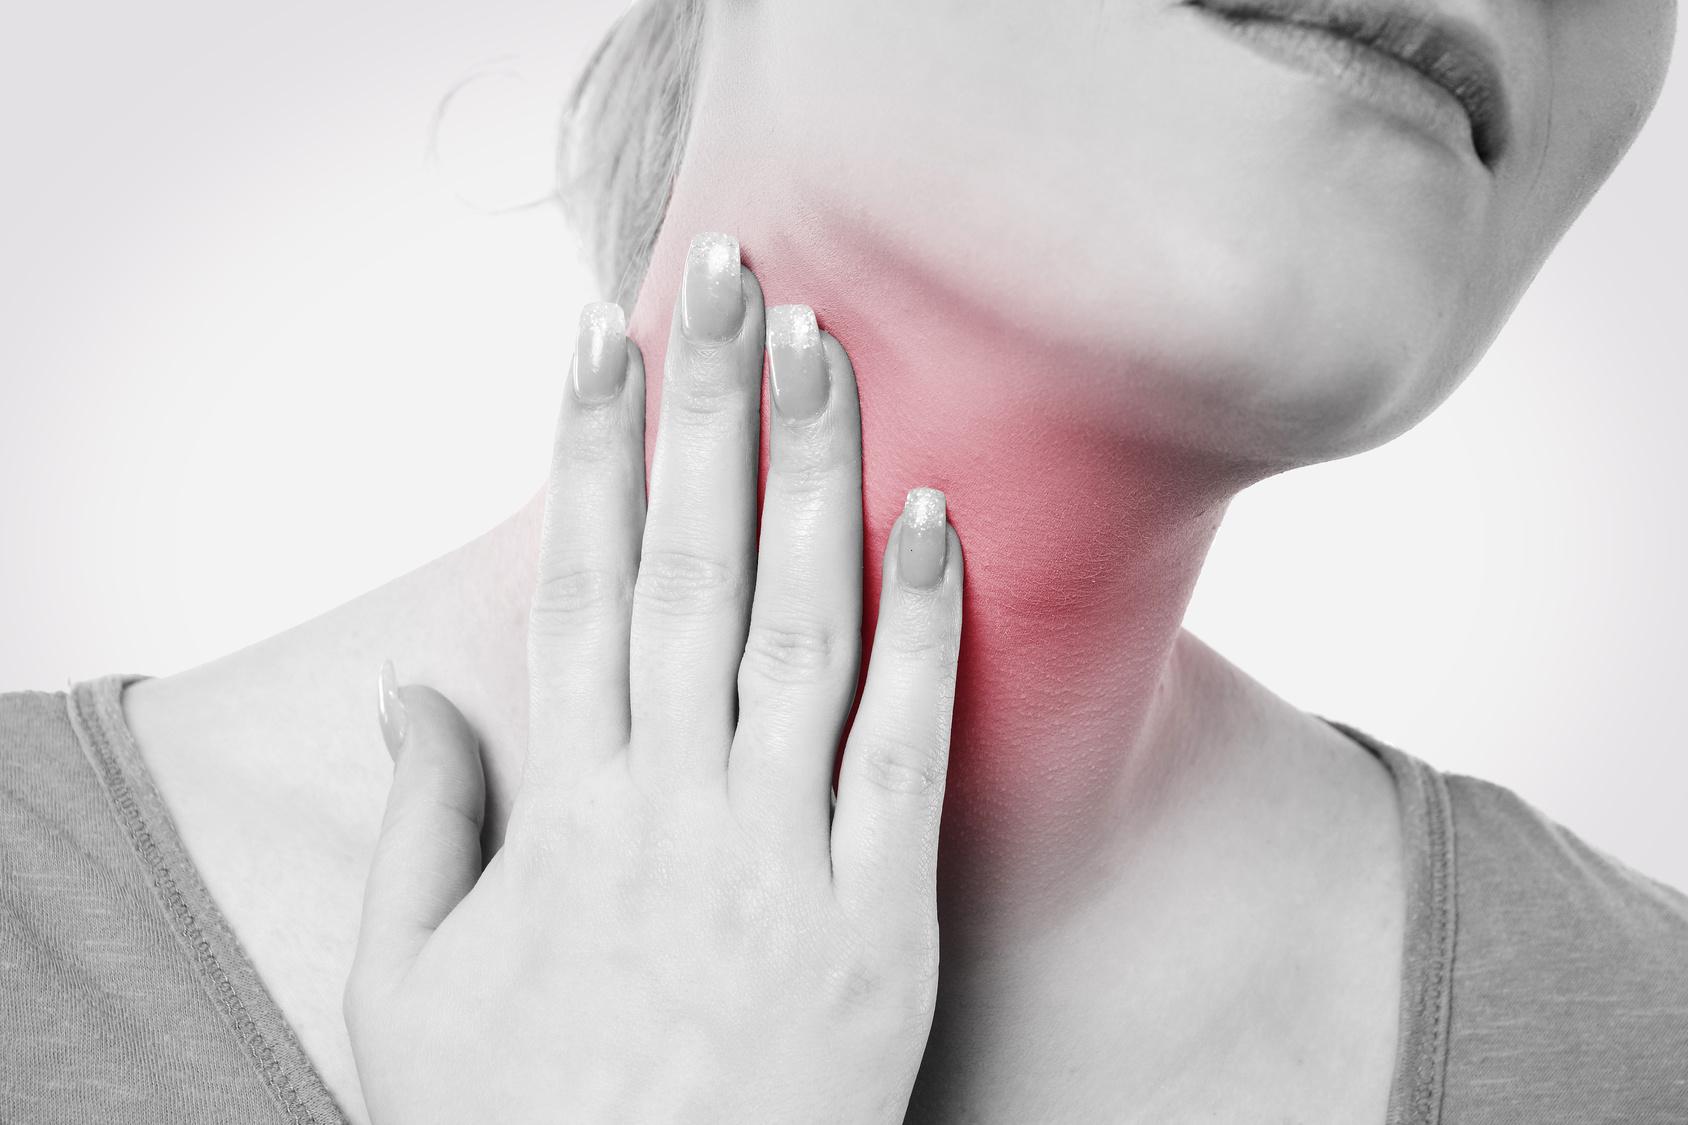 Beschwerden im Hals